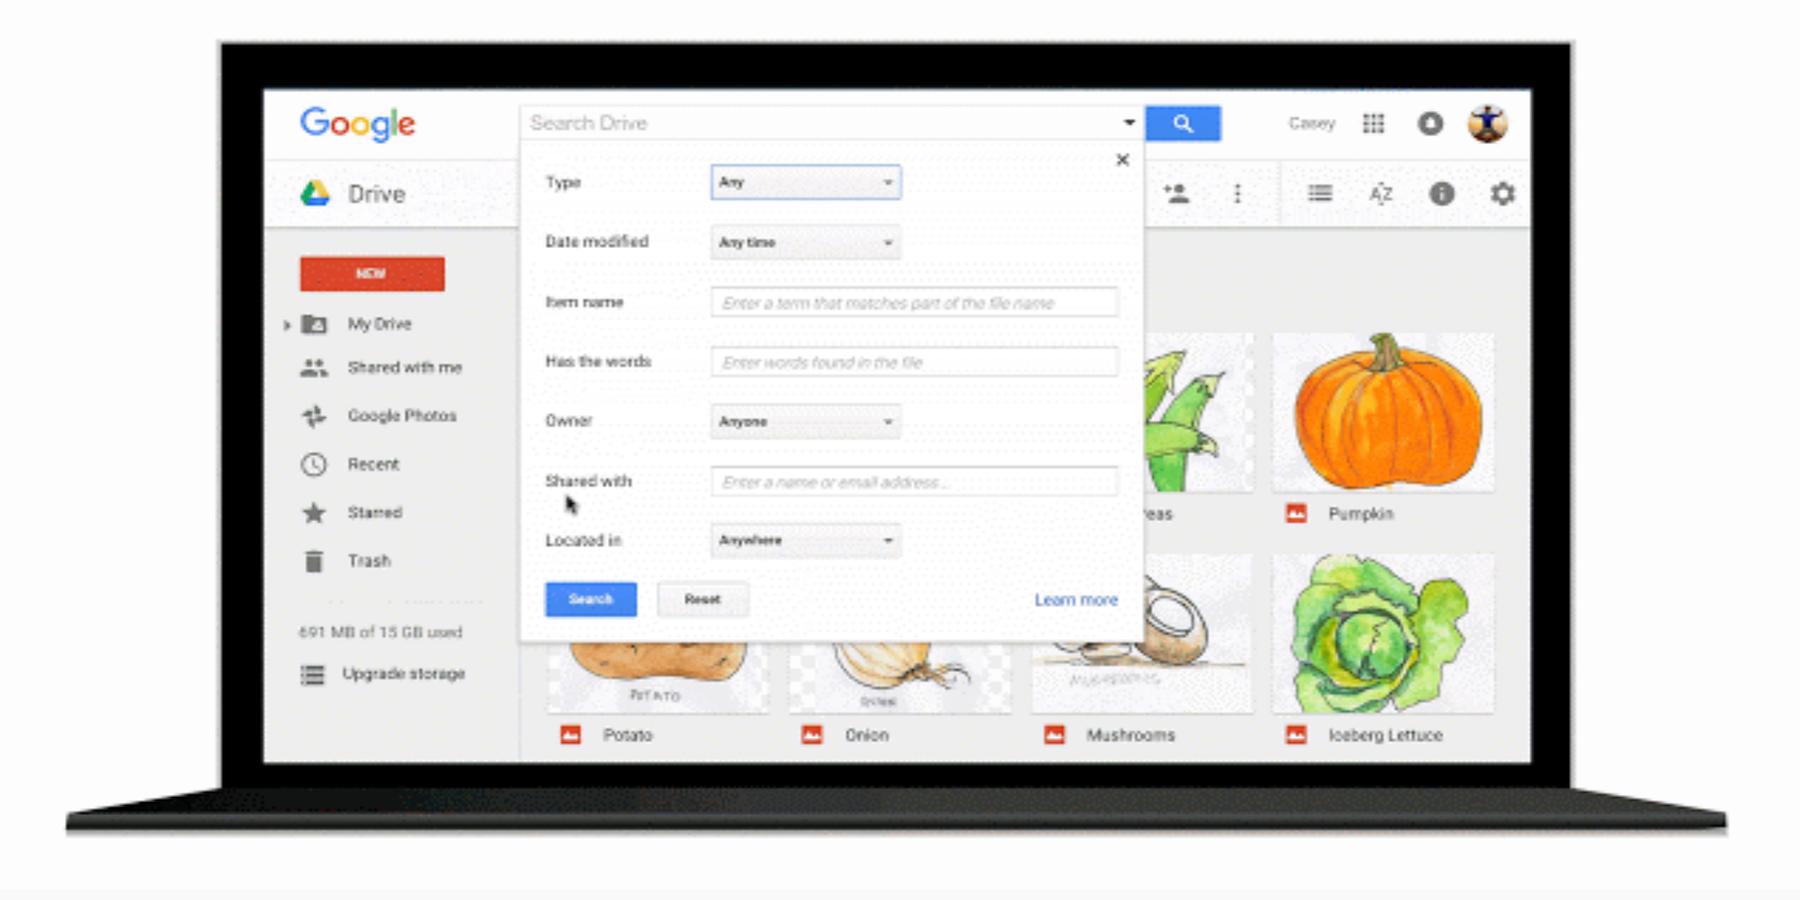 Google-drive-update